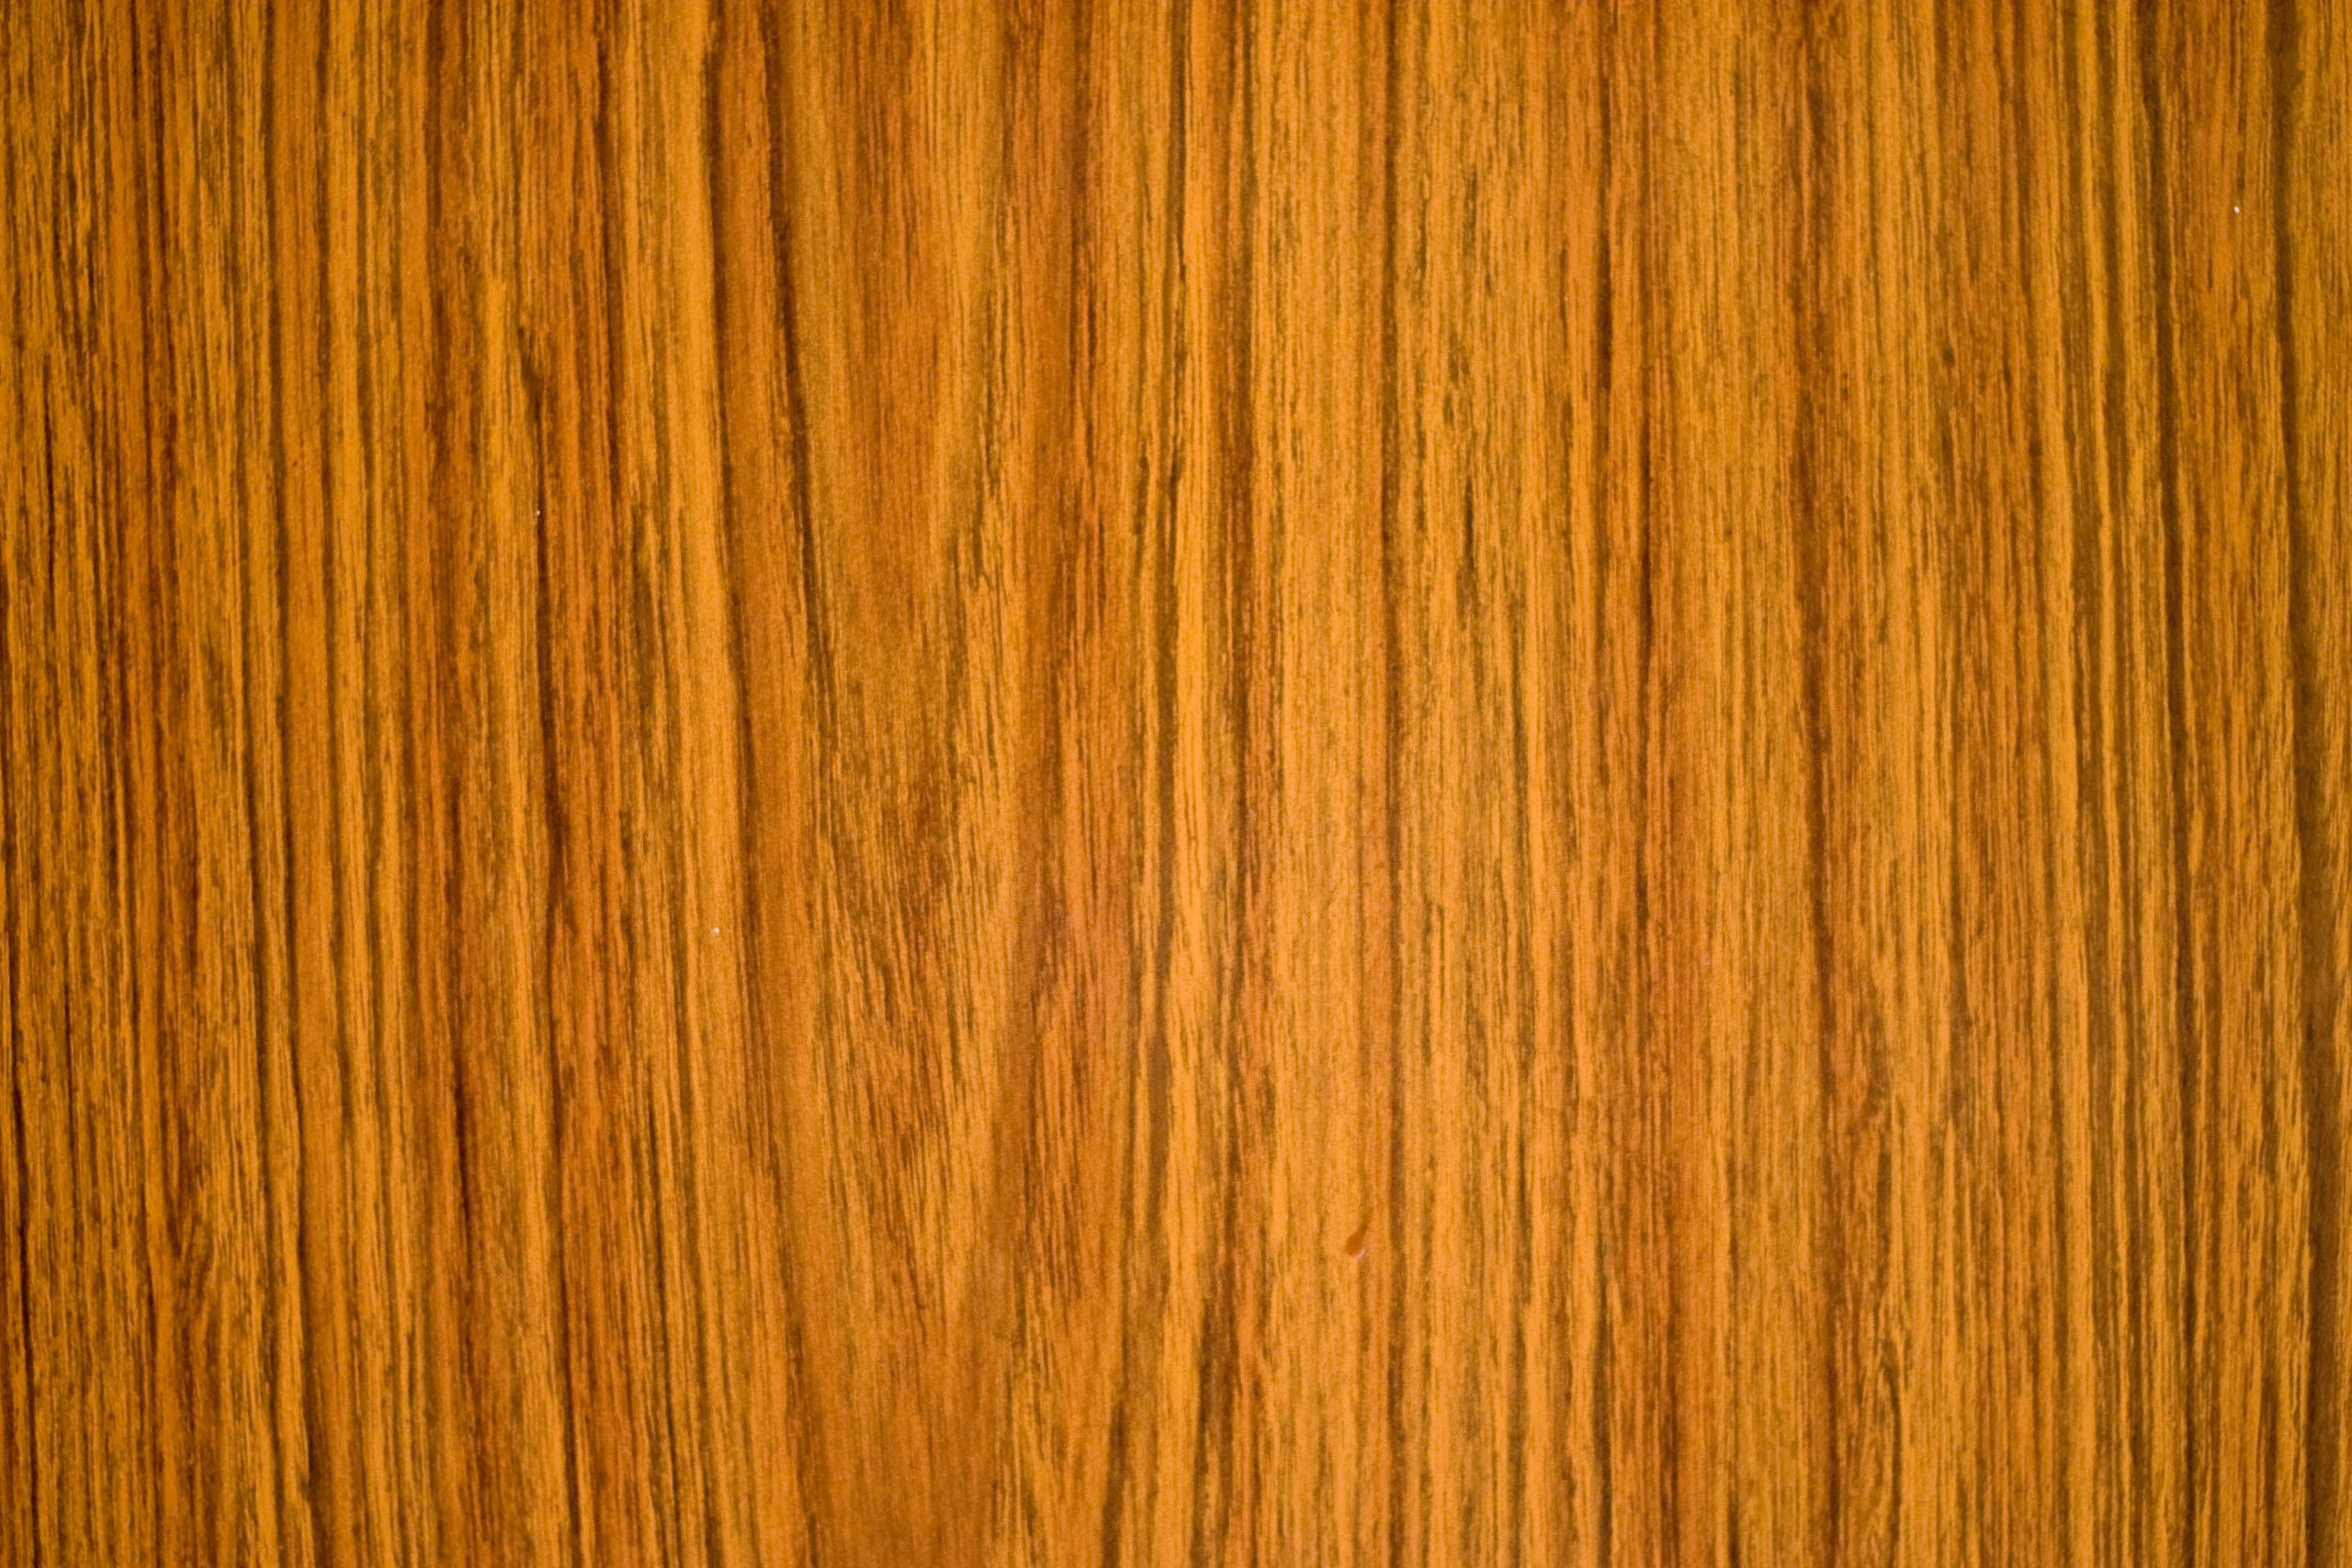 Oak wood grain wallpaper images